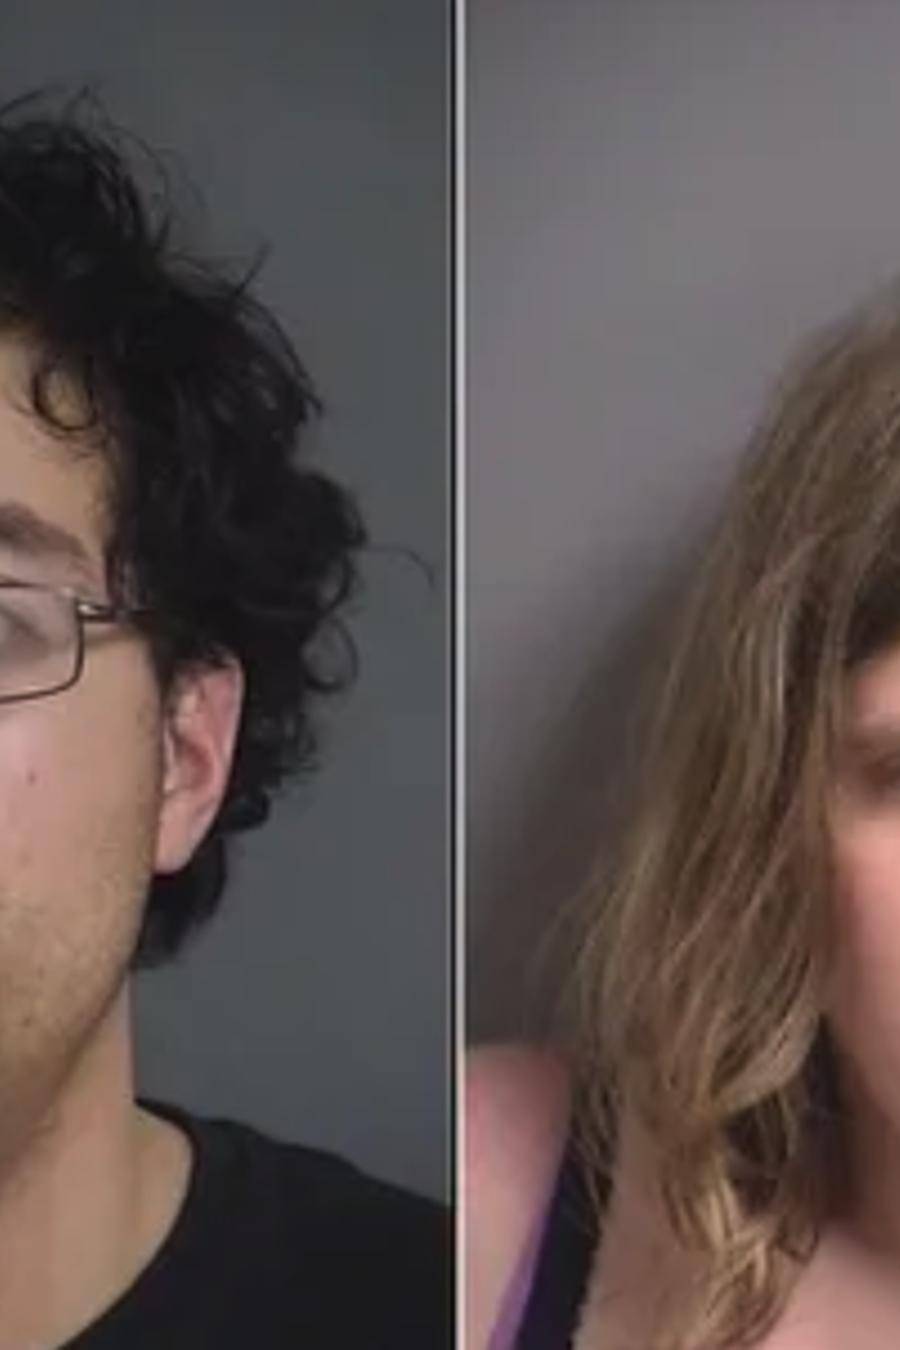 Daniel Walshire y Rebekah Mecca tienen sexo en ciclovía